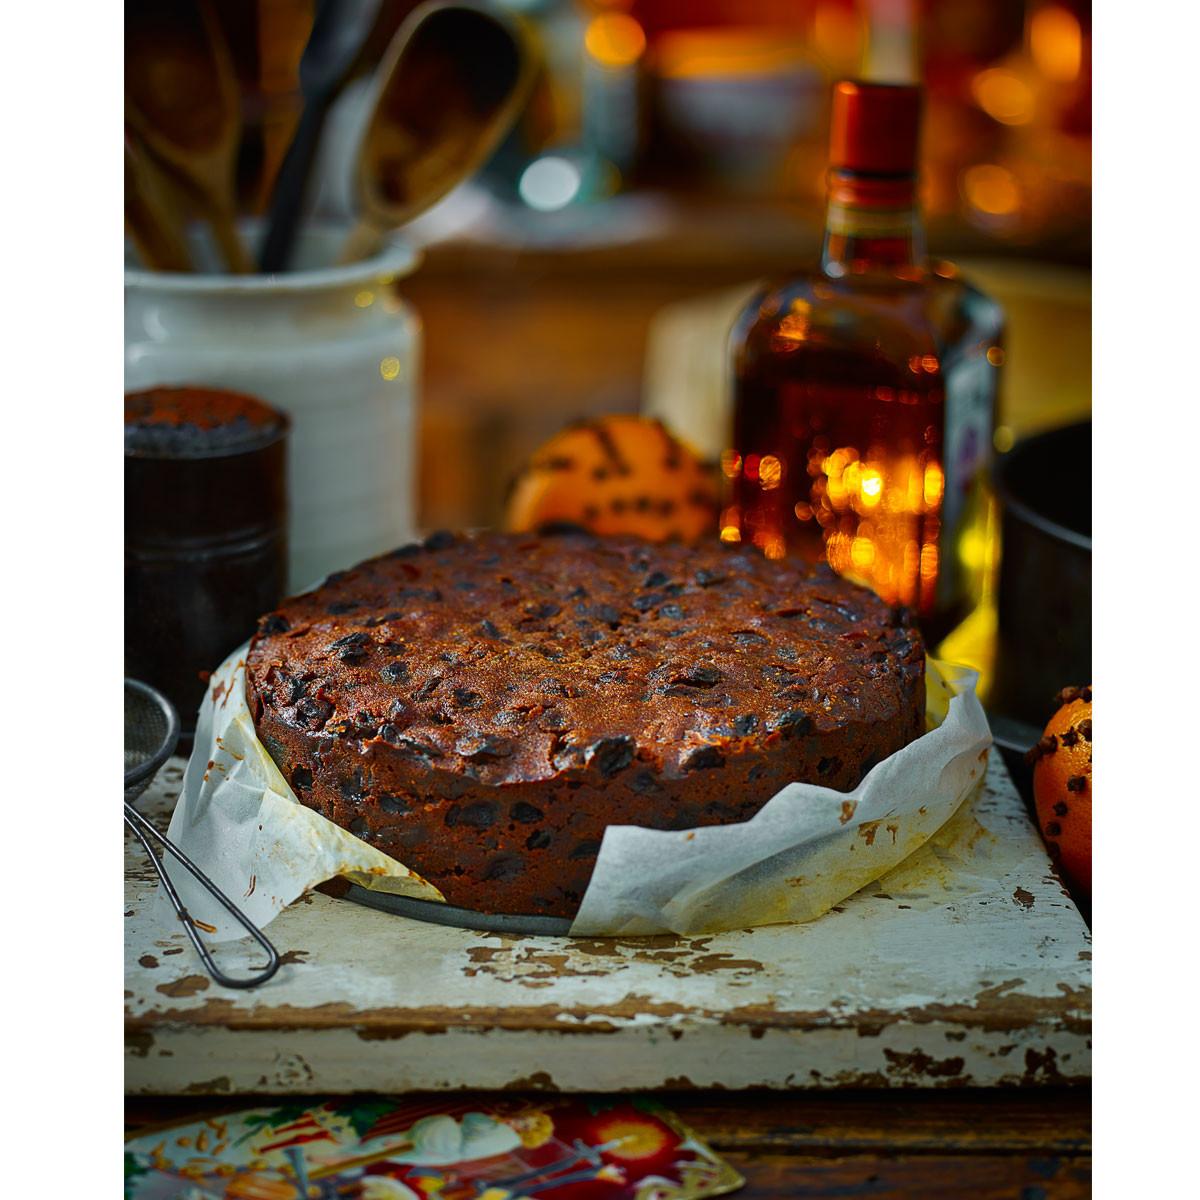 Recipes For Christmas Cakes  Christmas cake recipe Best Christmas cake recipes Good